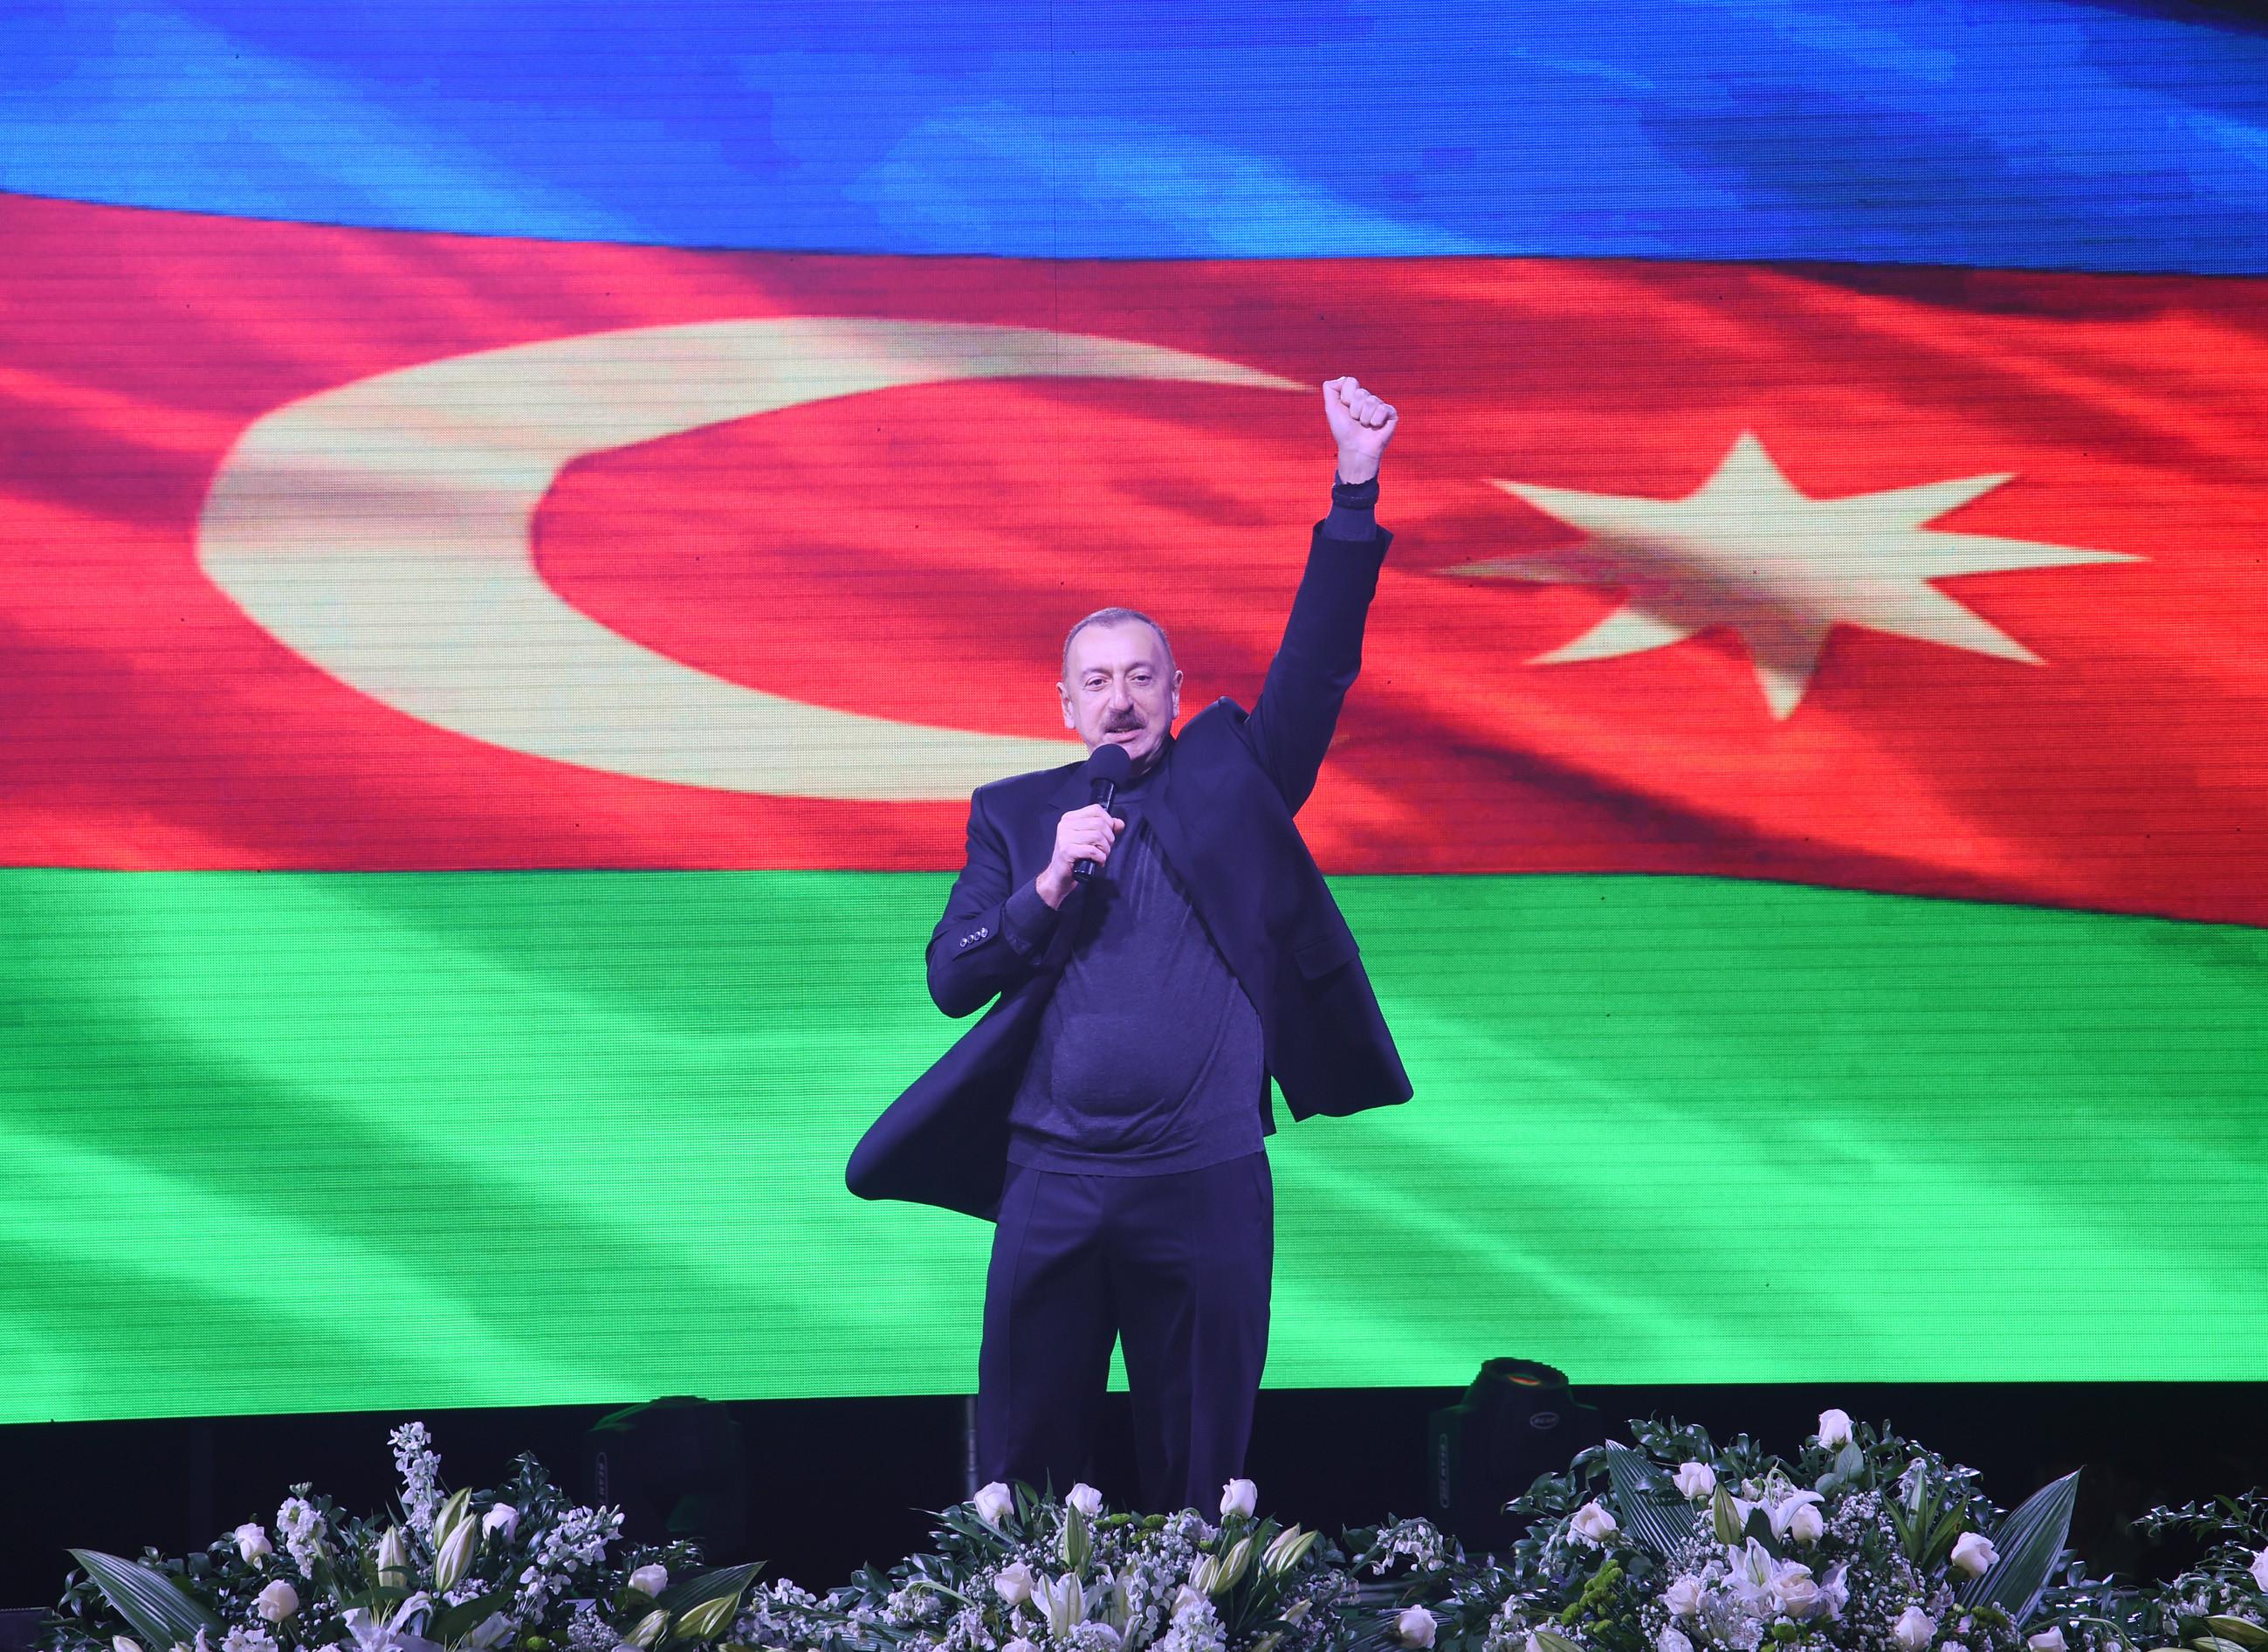 رئيس جمهورية أذربيجان